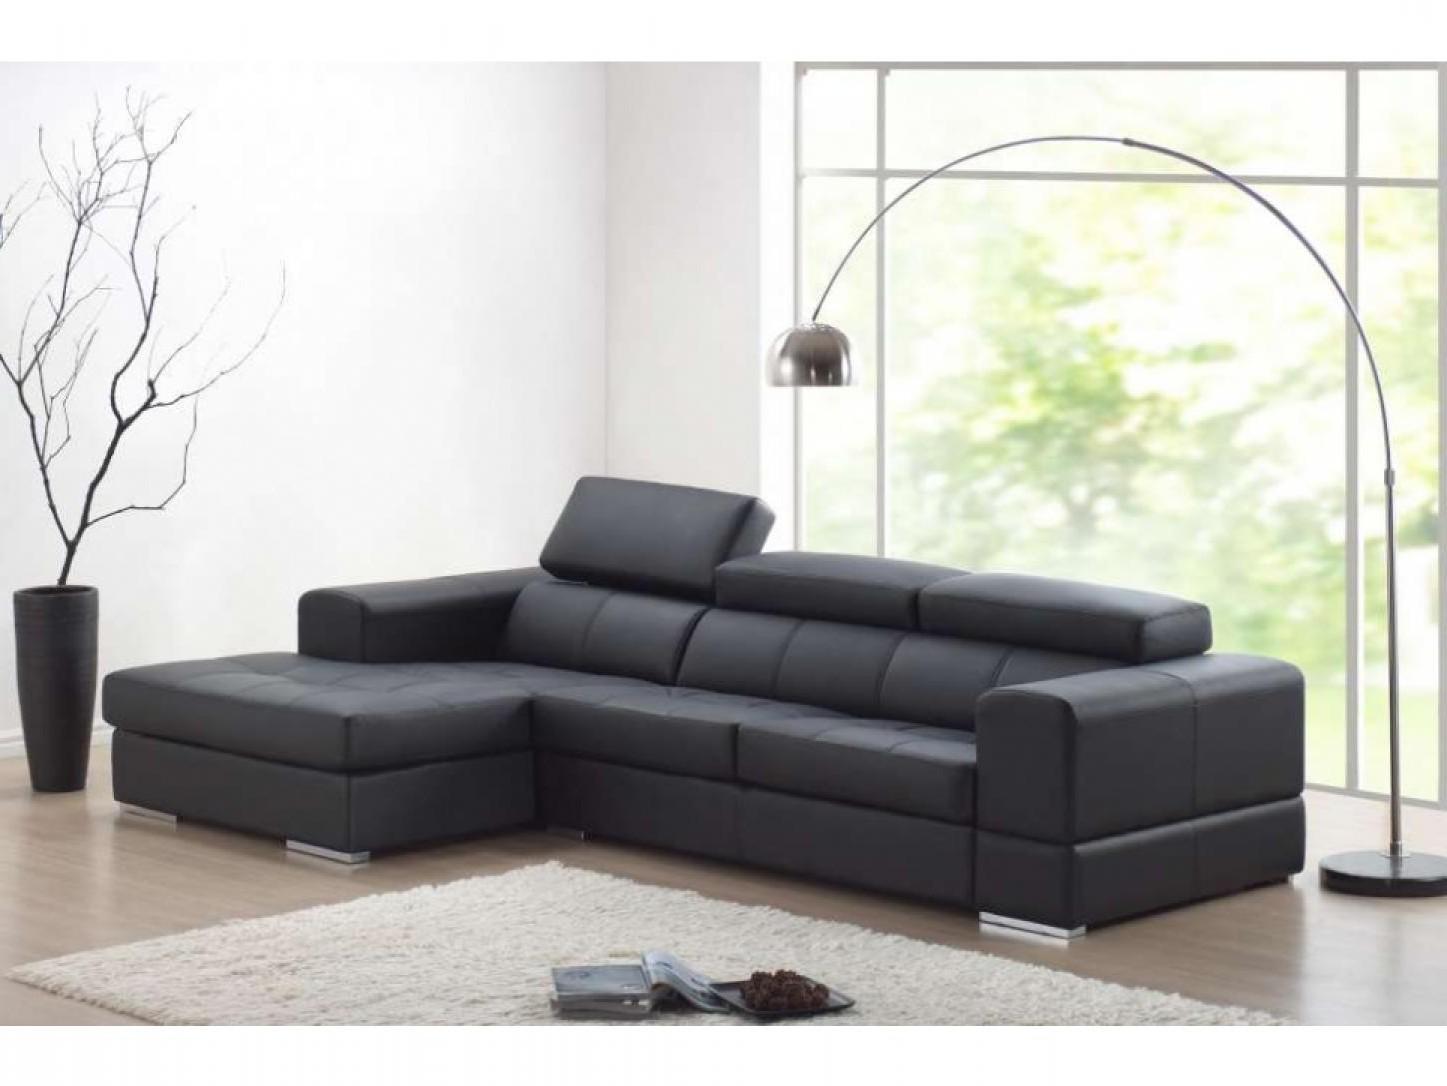 canap cuir noir et blanc amazing affordable quelles ides. Black Bedroom Furniture Sets. Home Design Ideas